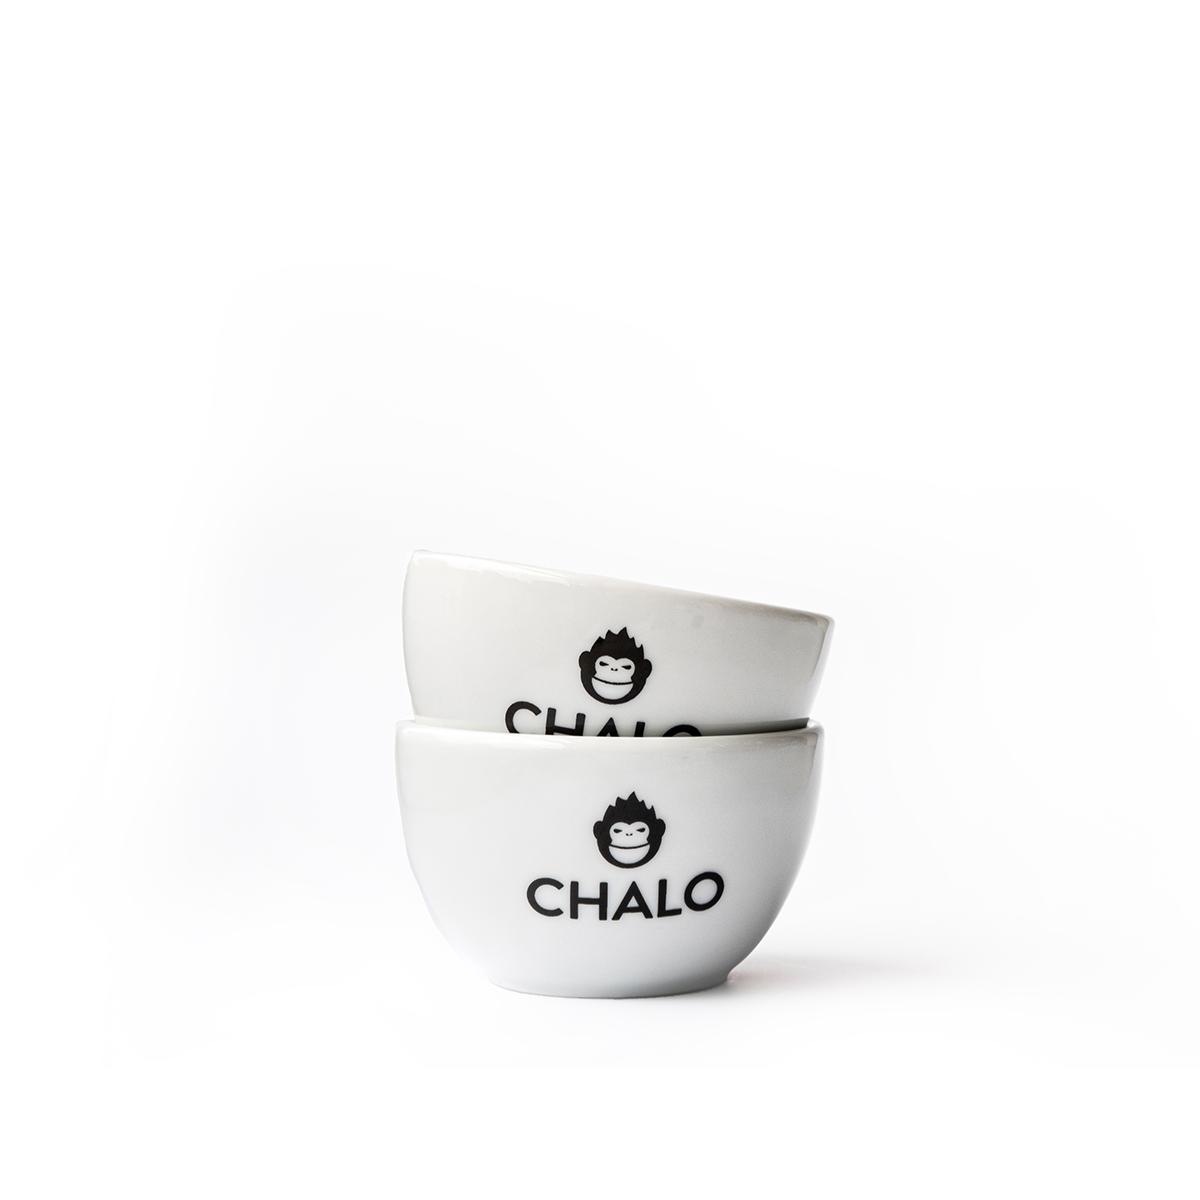 Chalo mugs